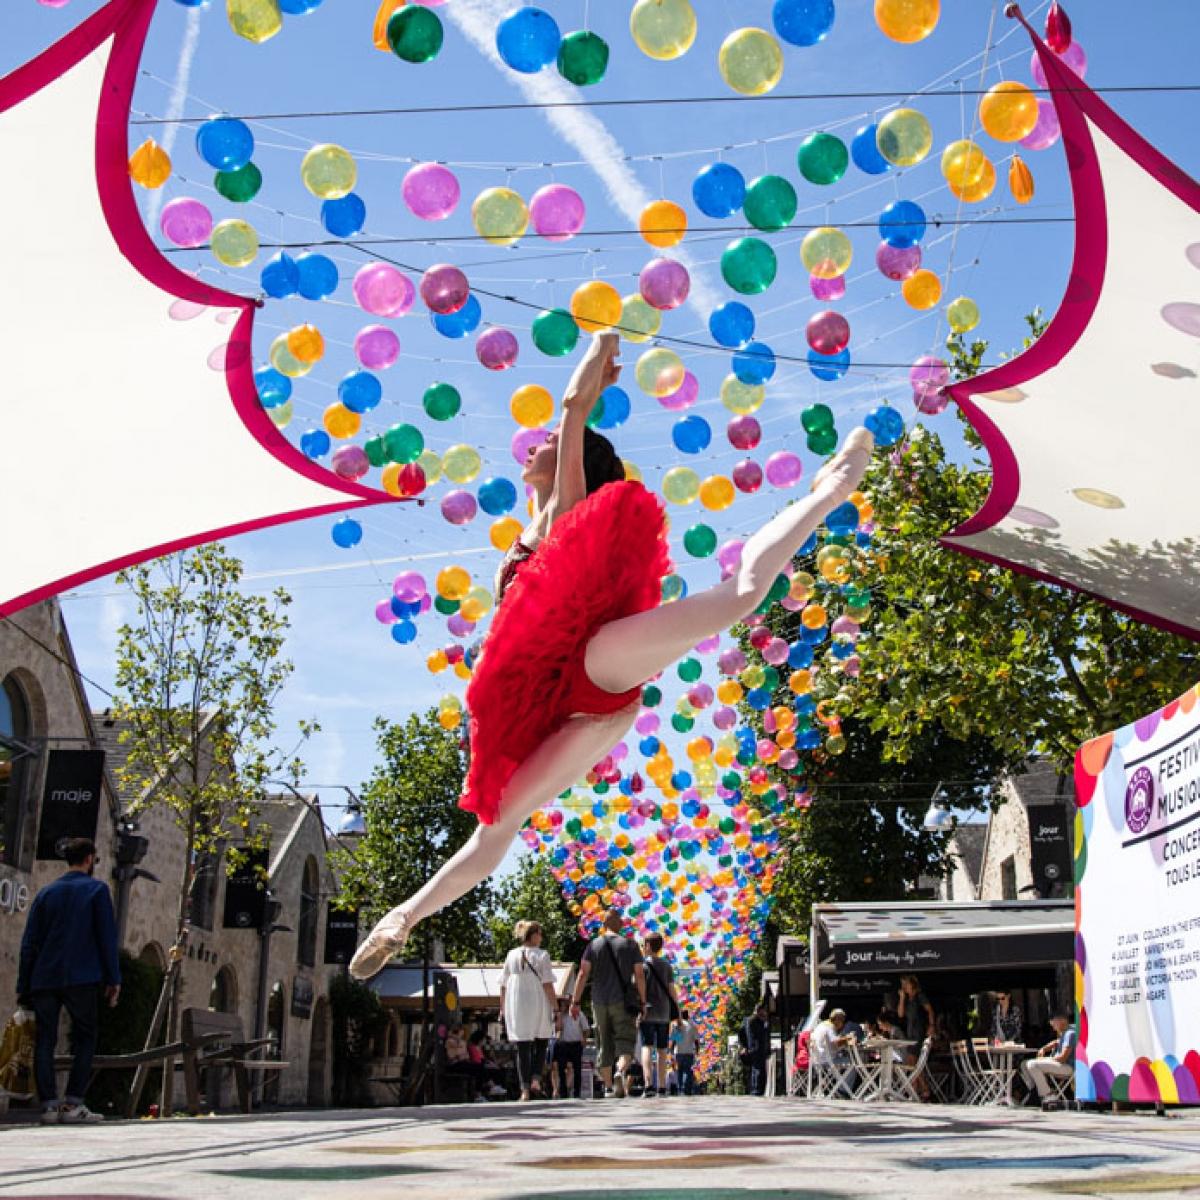 la danseuse exceptionnelle de ballet CYRIELLE JOST pendant notre deplacement dans les rue de BERCY VILLAGE Paris on a découvert des endroit manifique et chaleureux Crédit photo: © MARWAN MOUSSA / 2019, مروان موسى, مصور